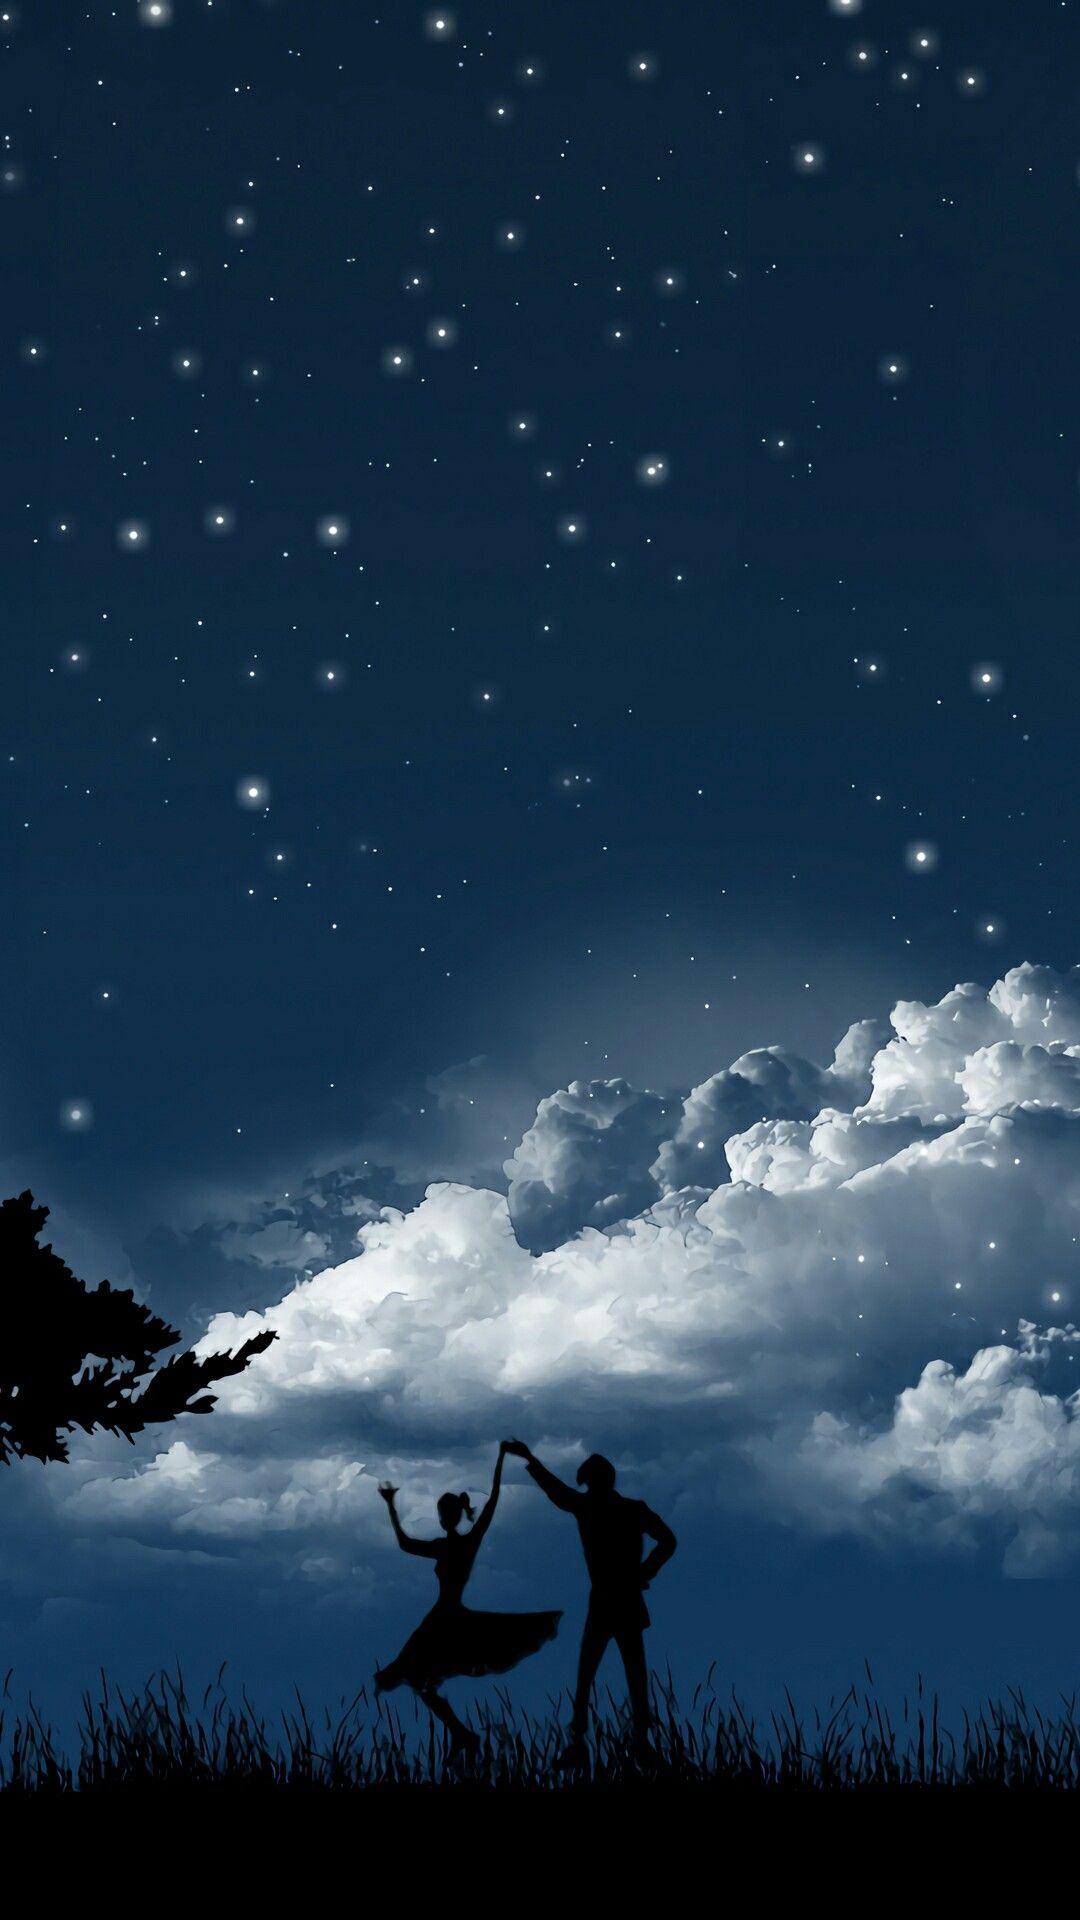 так искусственная картинки ночные со смыслом договорились это помогало